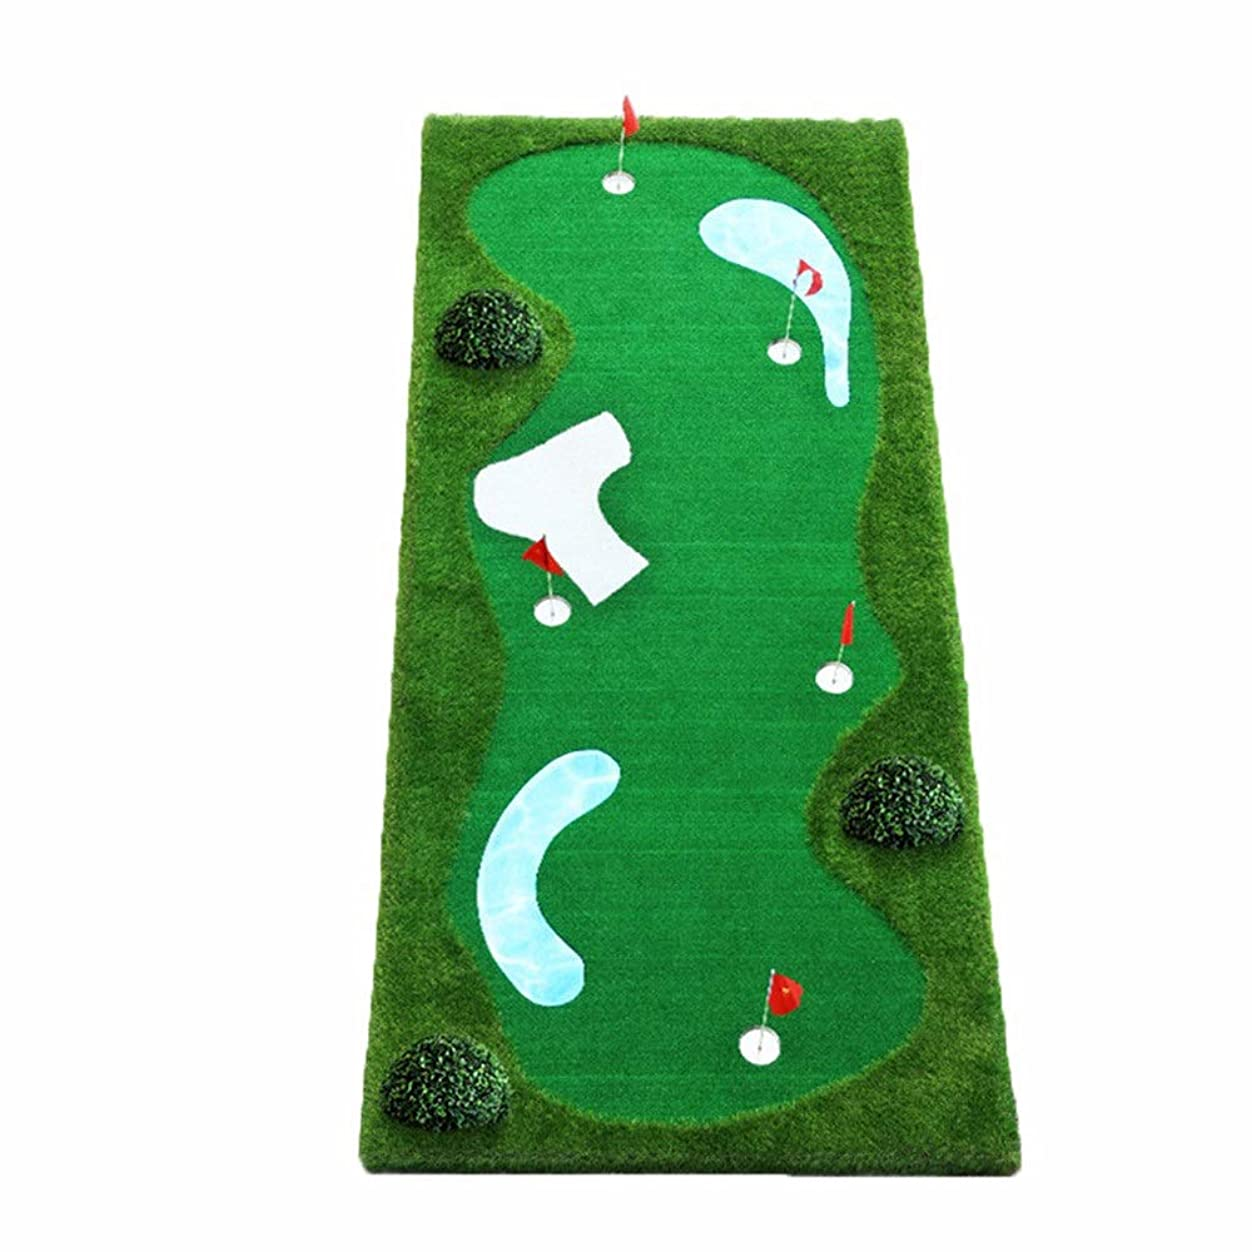 似ている眉をひそめる小さいパッティングマット ゴルフ ゴルフ ゴルフパッティング練習ゴルフパッティンググリーンシステム肥厚滑り止めゴルフ人工グリーンミニボール練習模擬バンカー、リップルパドル、ステンレススチールカップ (色 : A, サイズ : 1.5*3m)